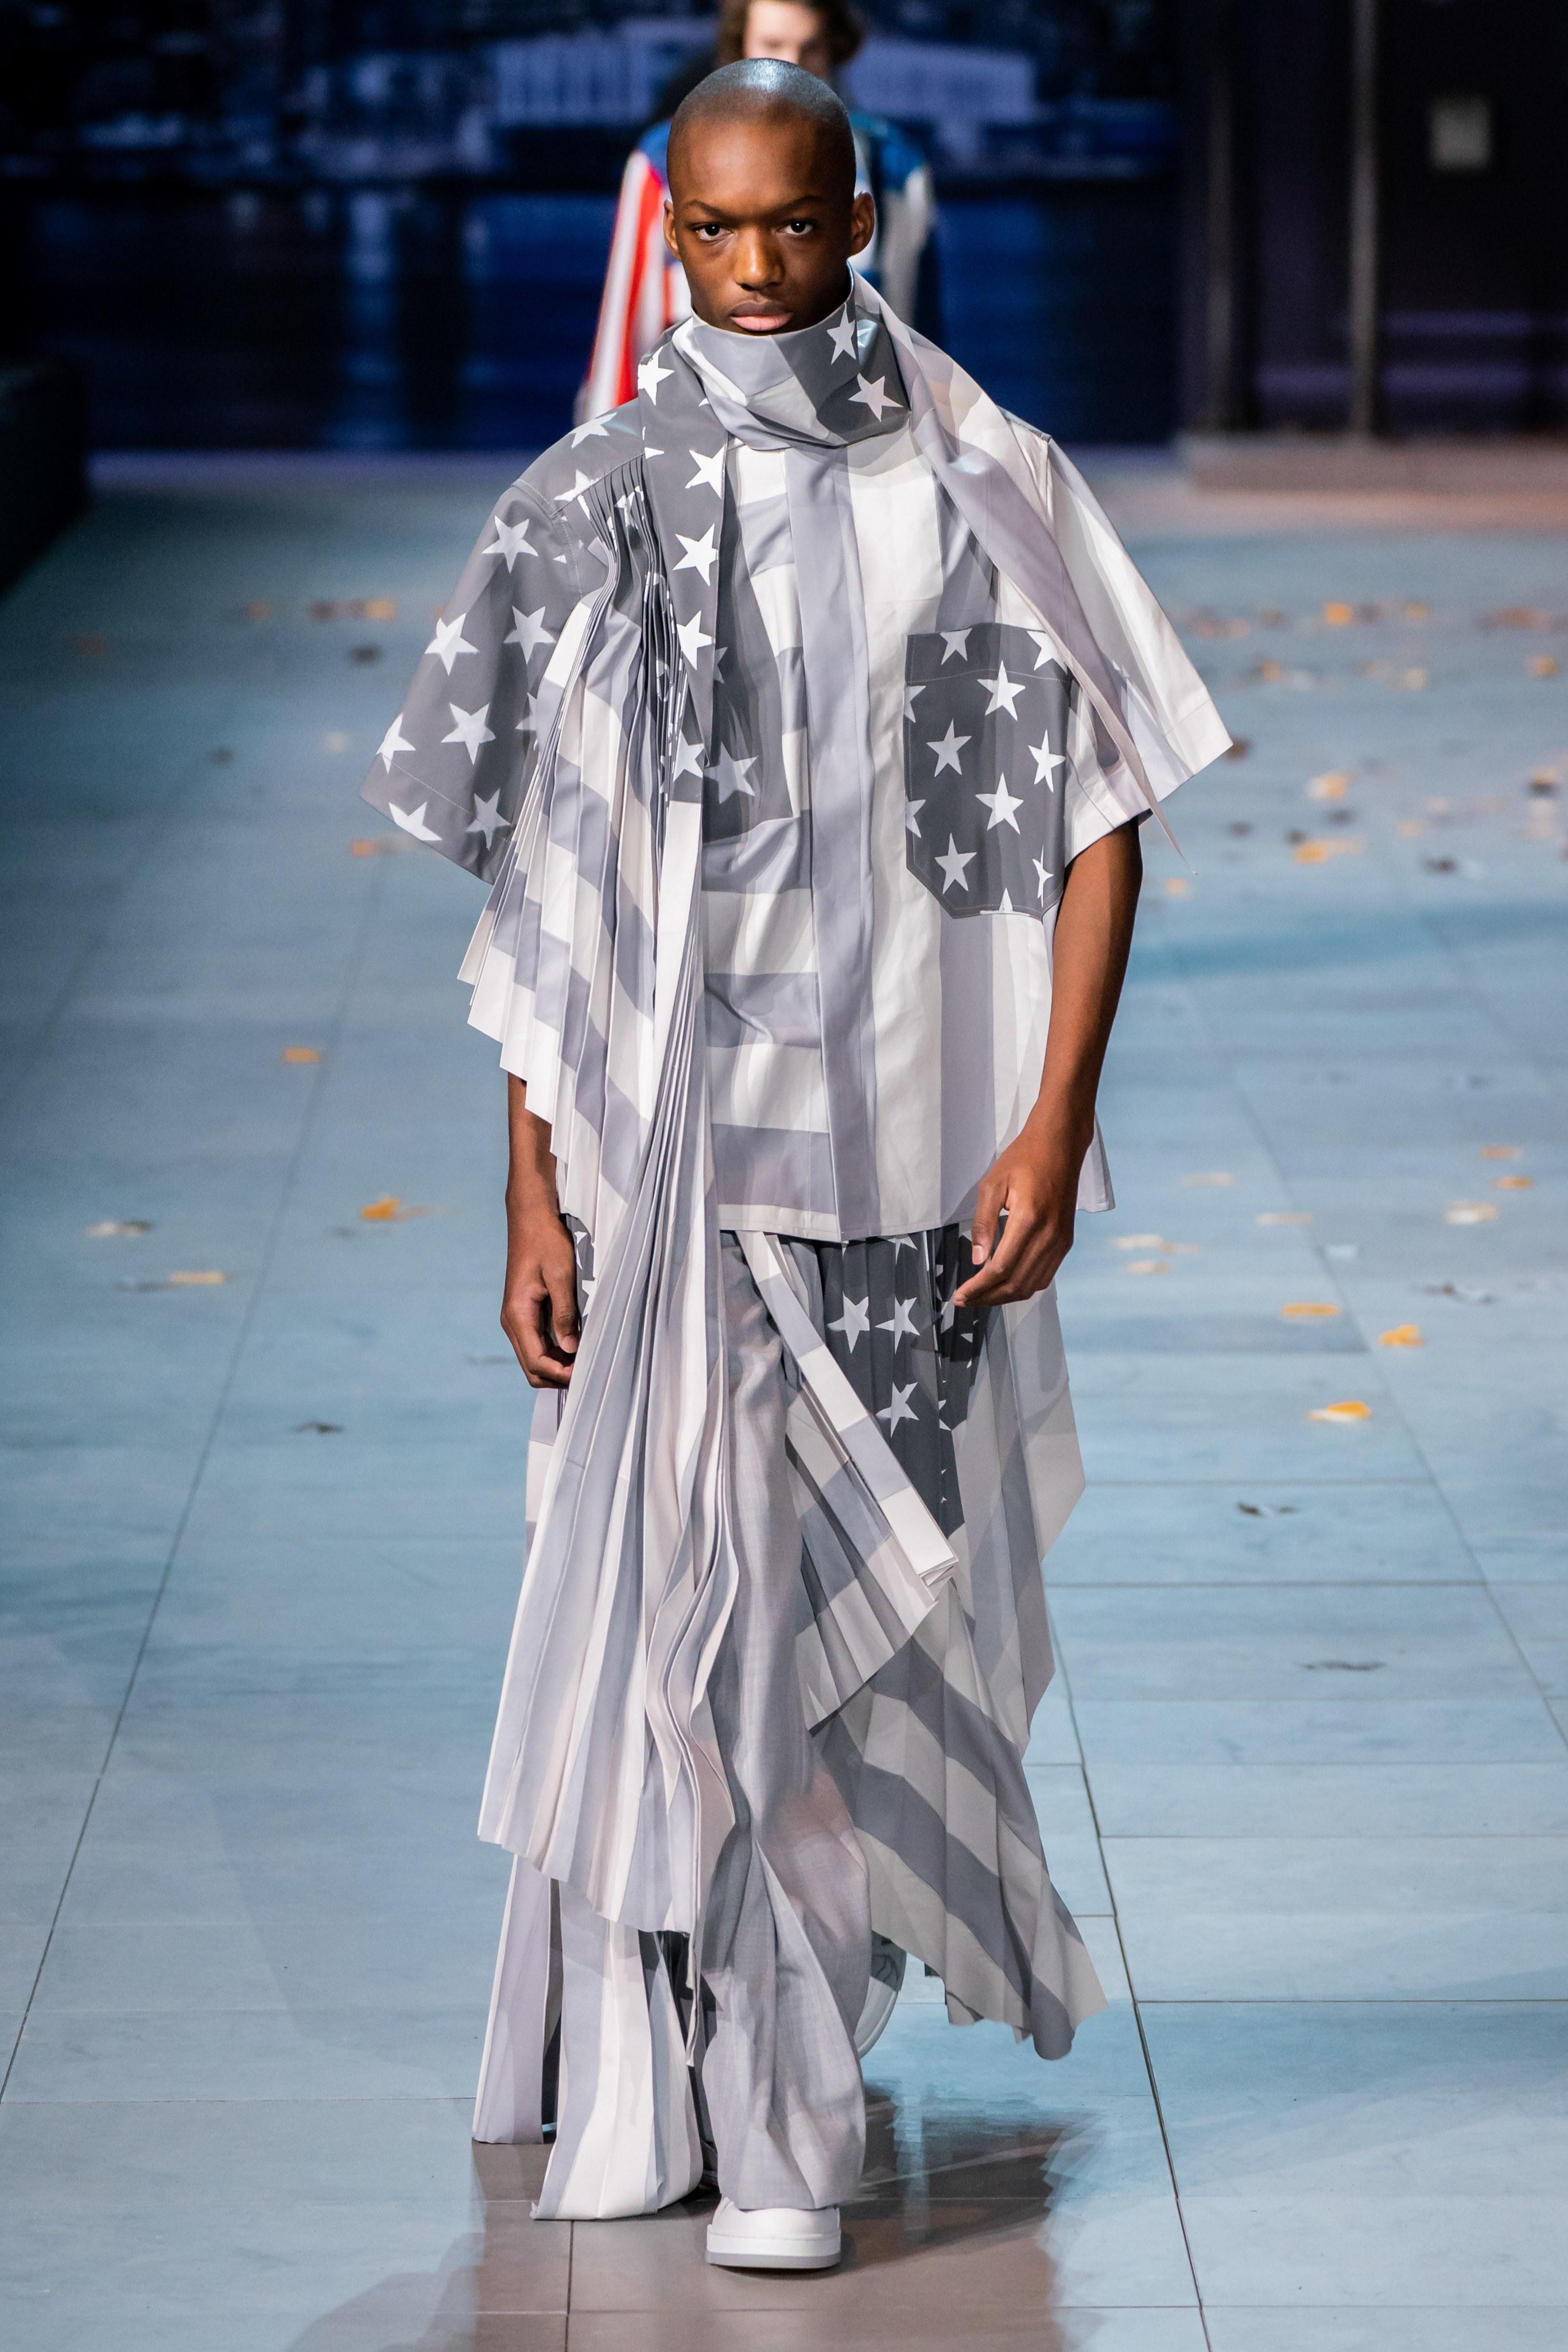 Michael Jackson an hien trong show dien thoi trang nam Louis Vuitton hinh anh 21